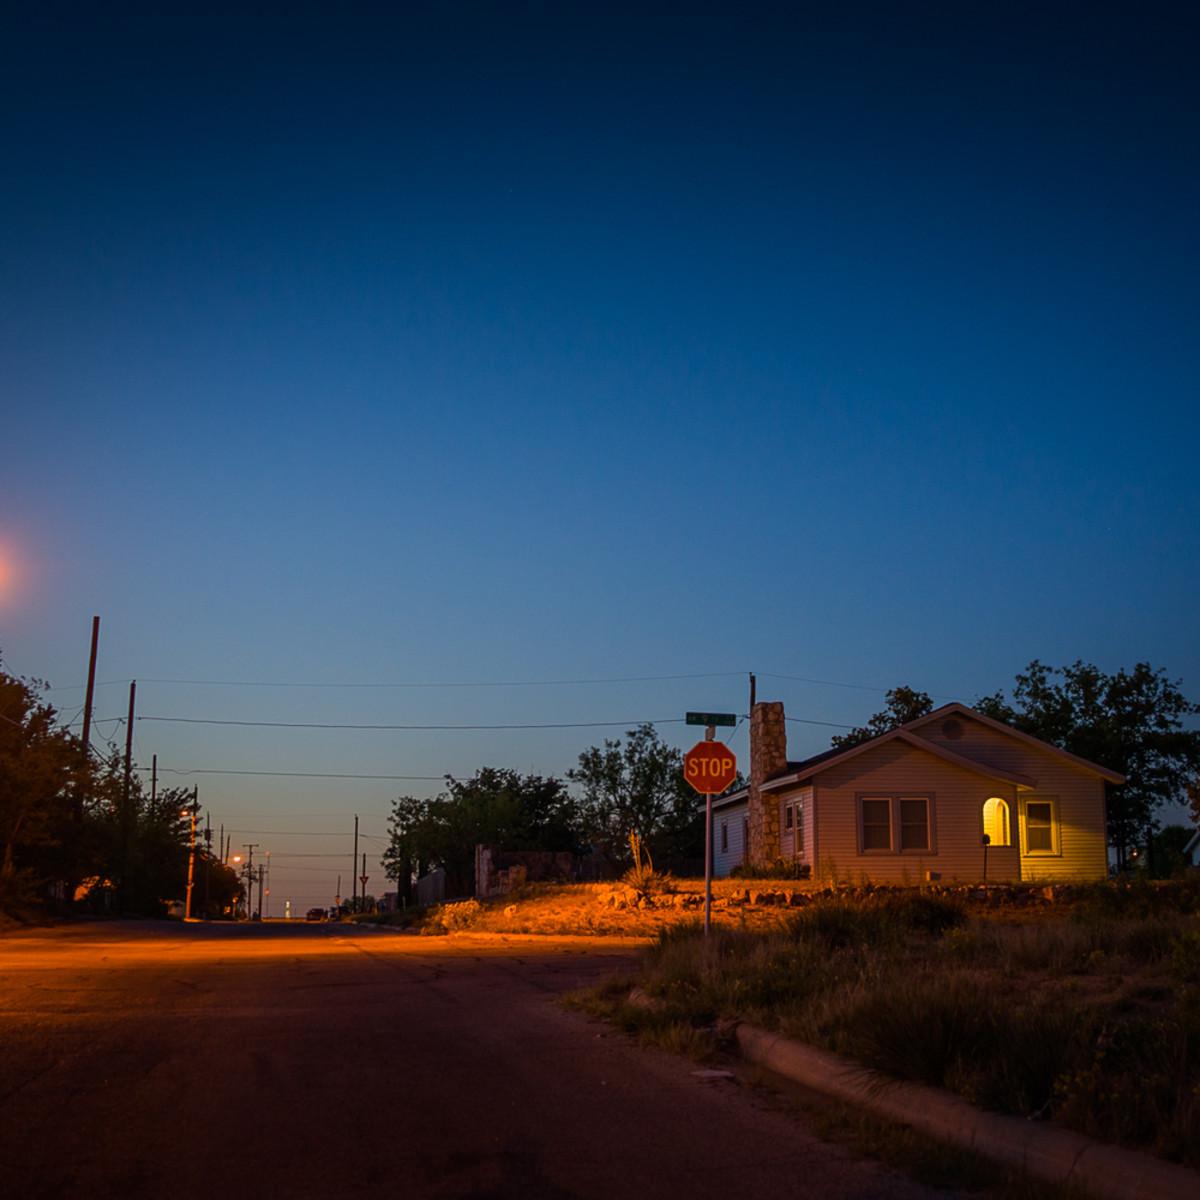 House at dusk big spring texas  sgmraz